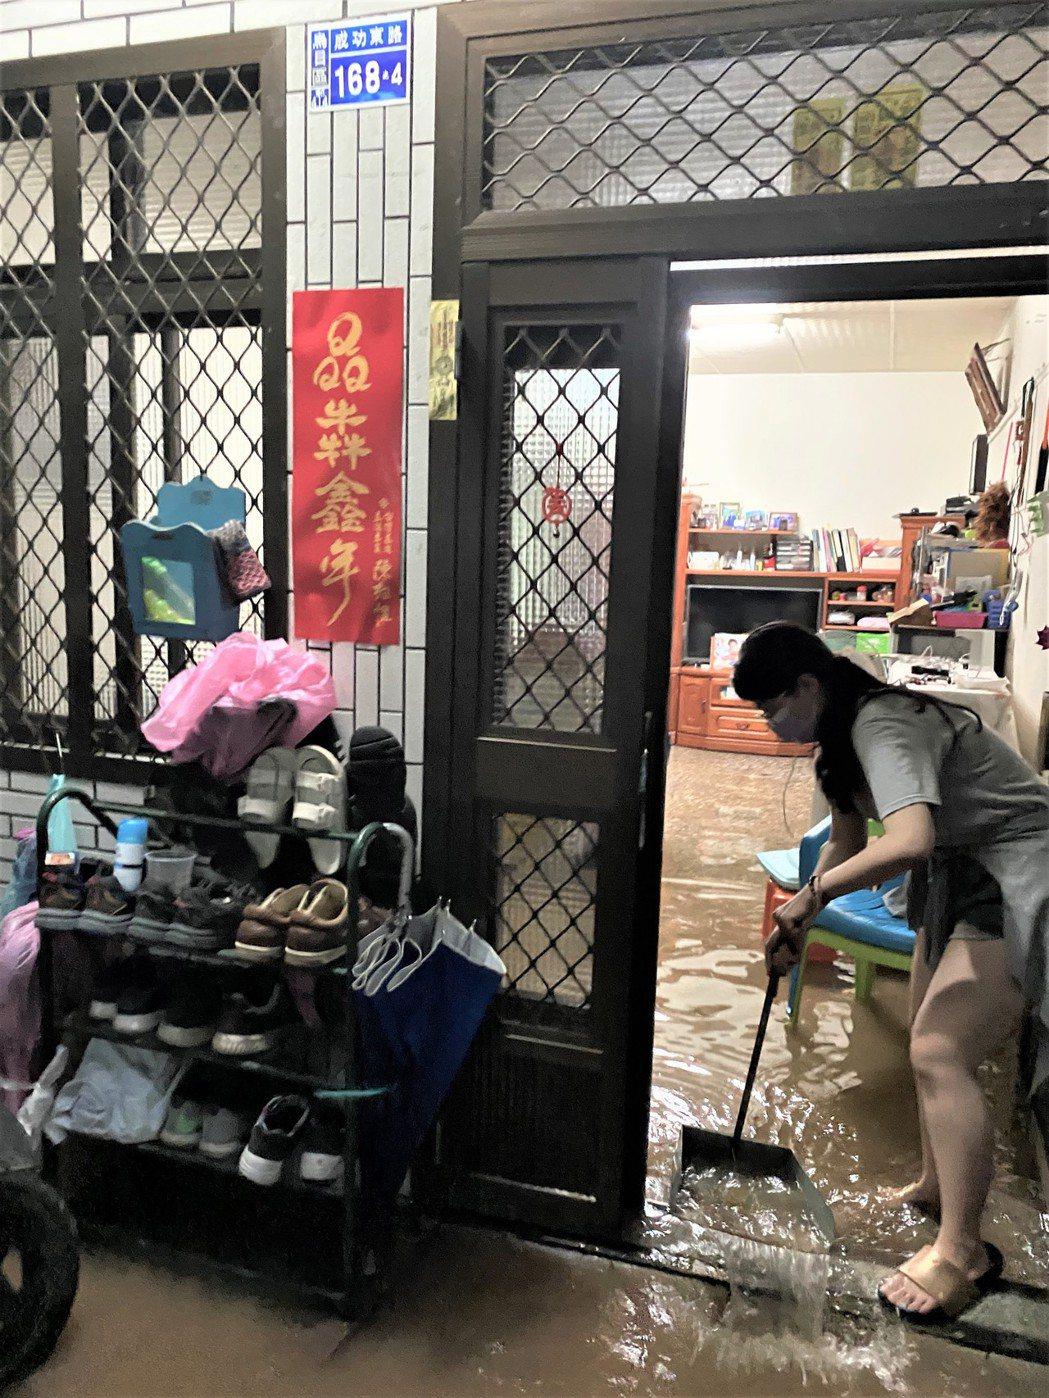 台中烏日區三和里淹水,市長盧秀燕說,原因還待查。圖/民眾提供